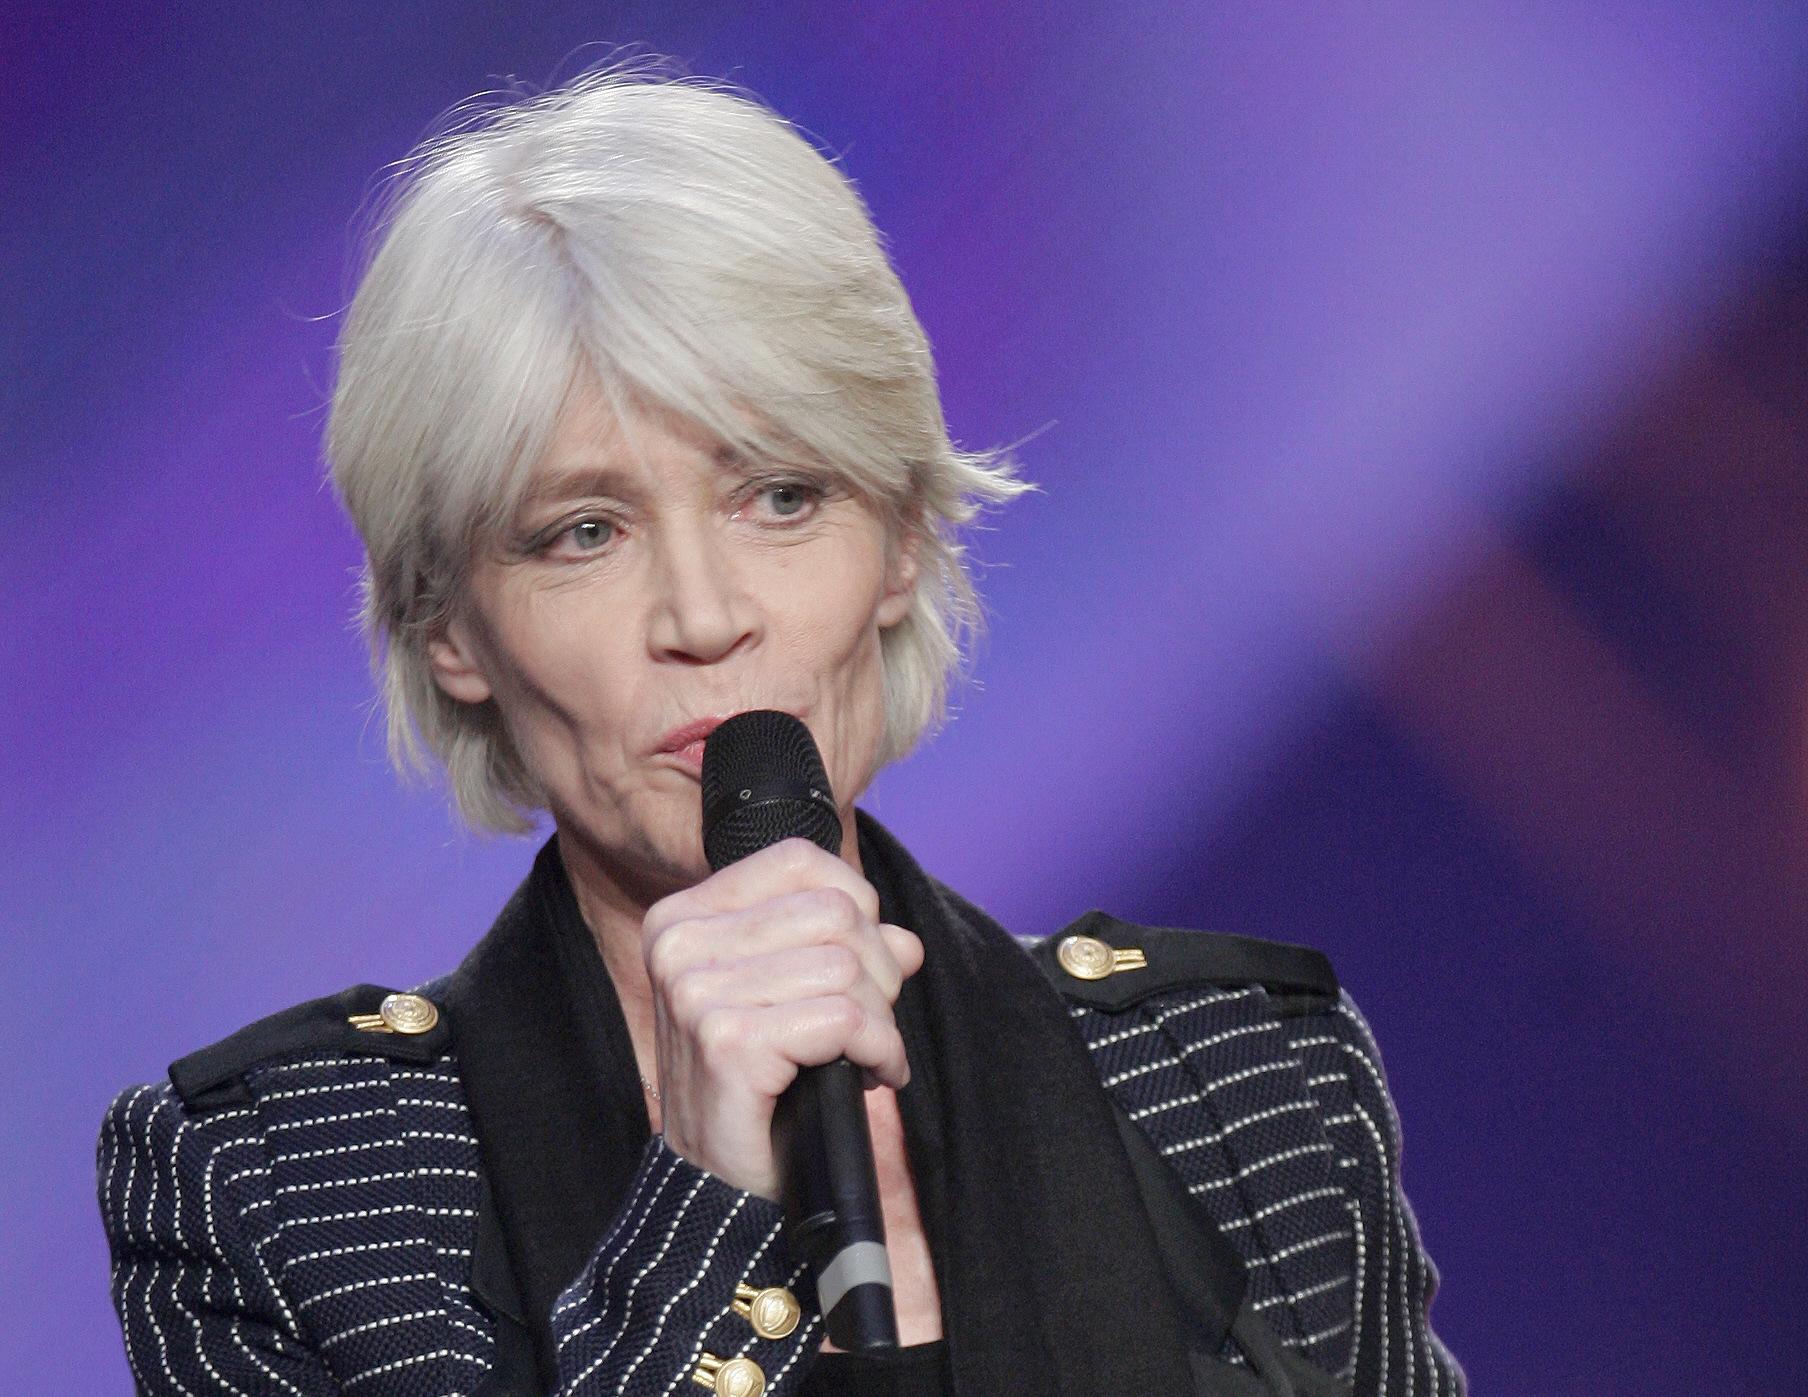 actrice et chanteuse française